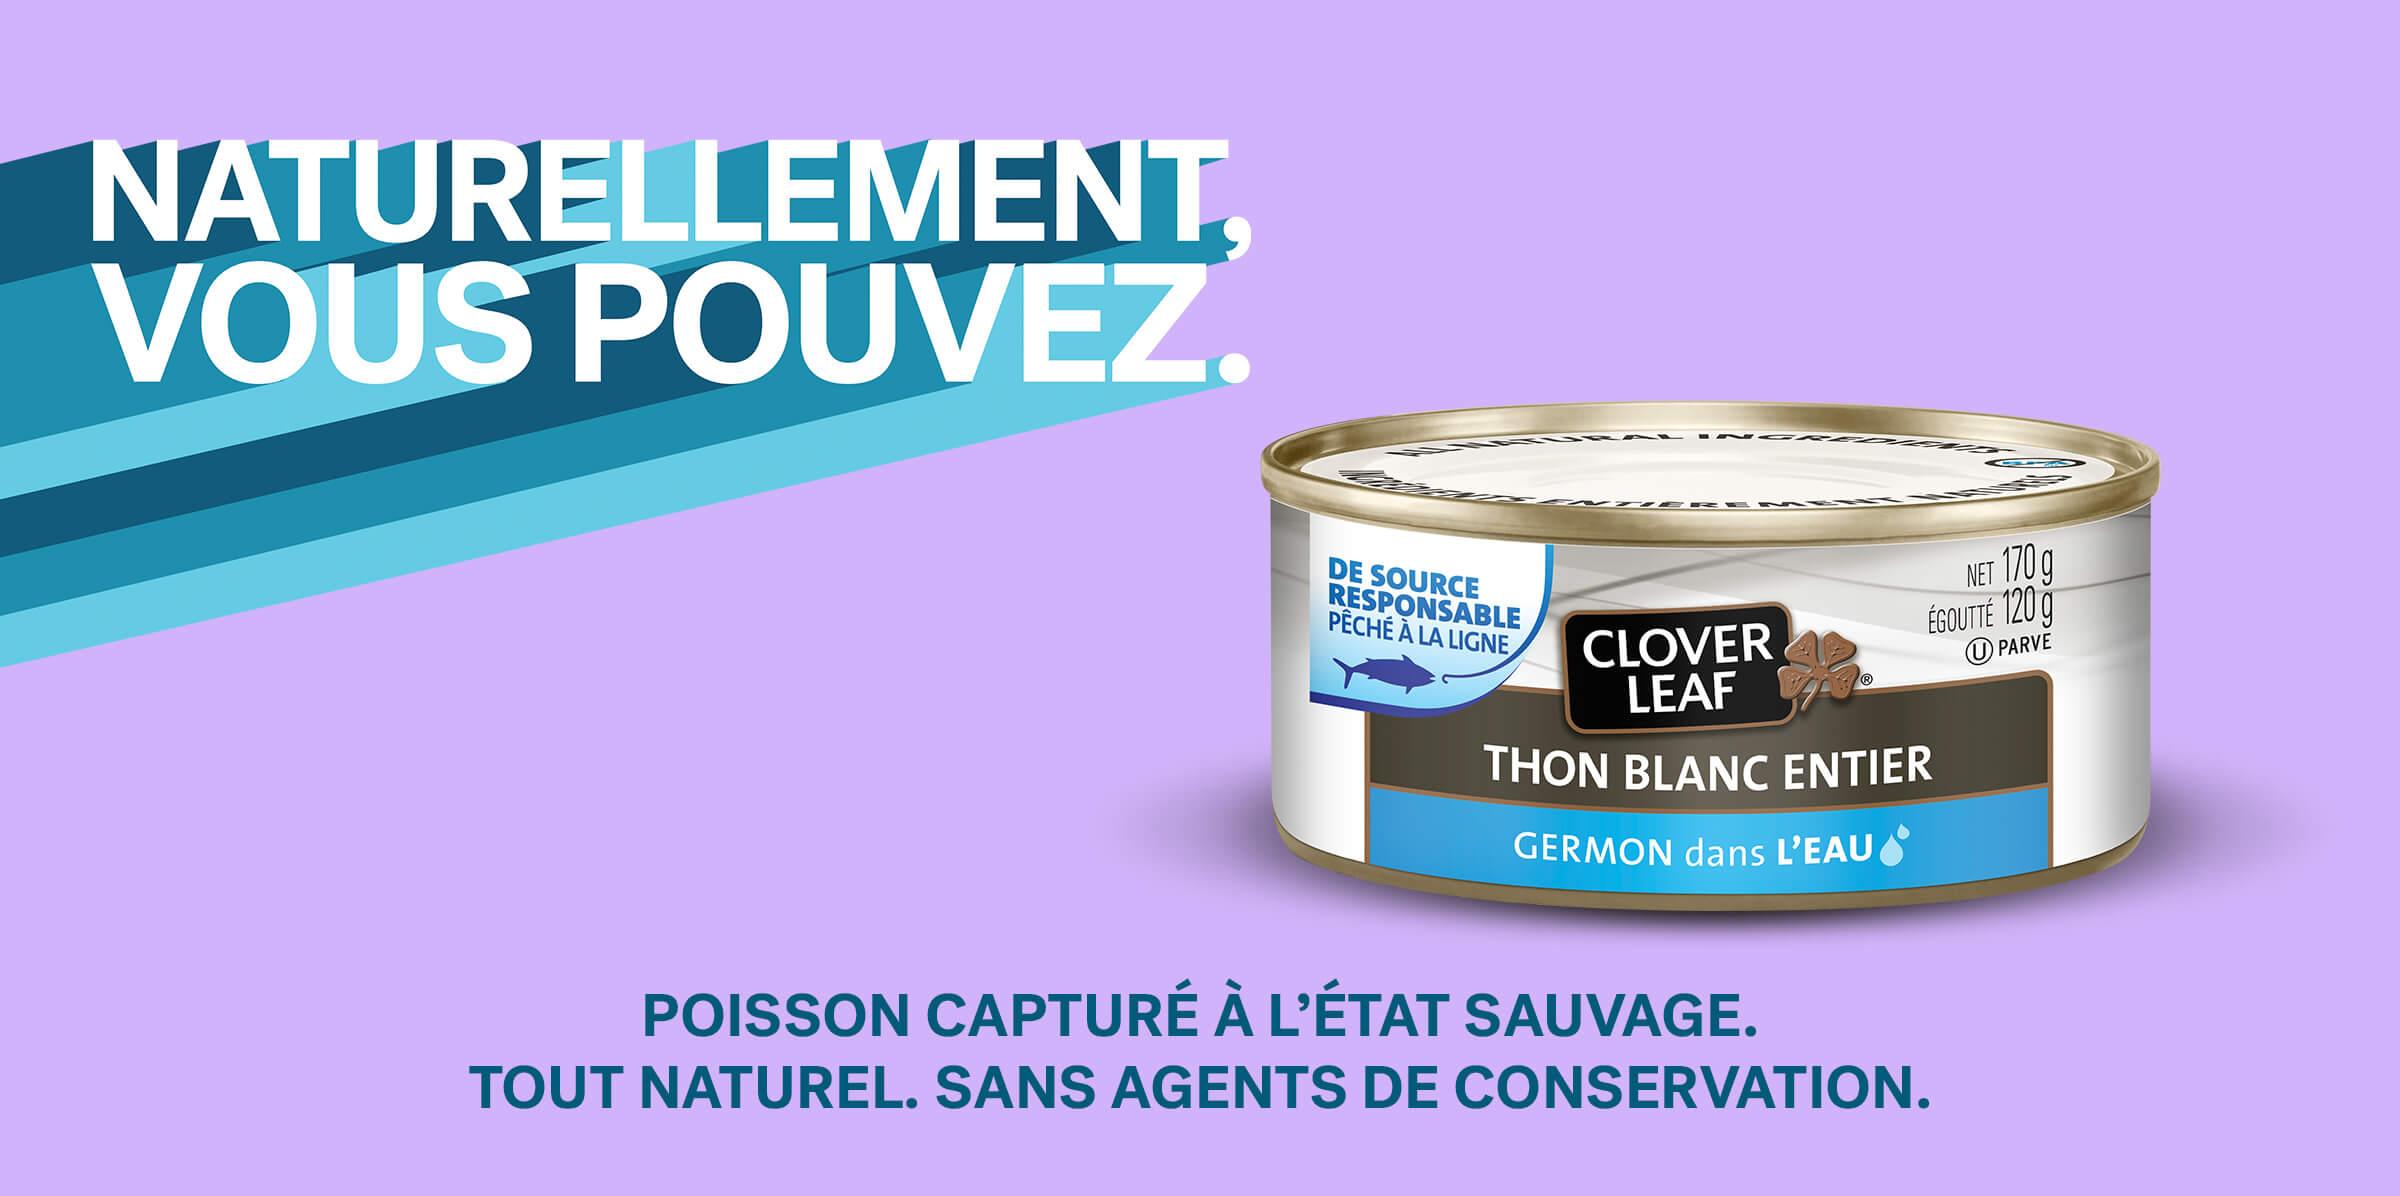 POISSON CAPTURÉ À L'ÉTAT SAUVAGE. TOUT NATUREL. SANS AGENTS DE CONSERVATION.